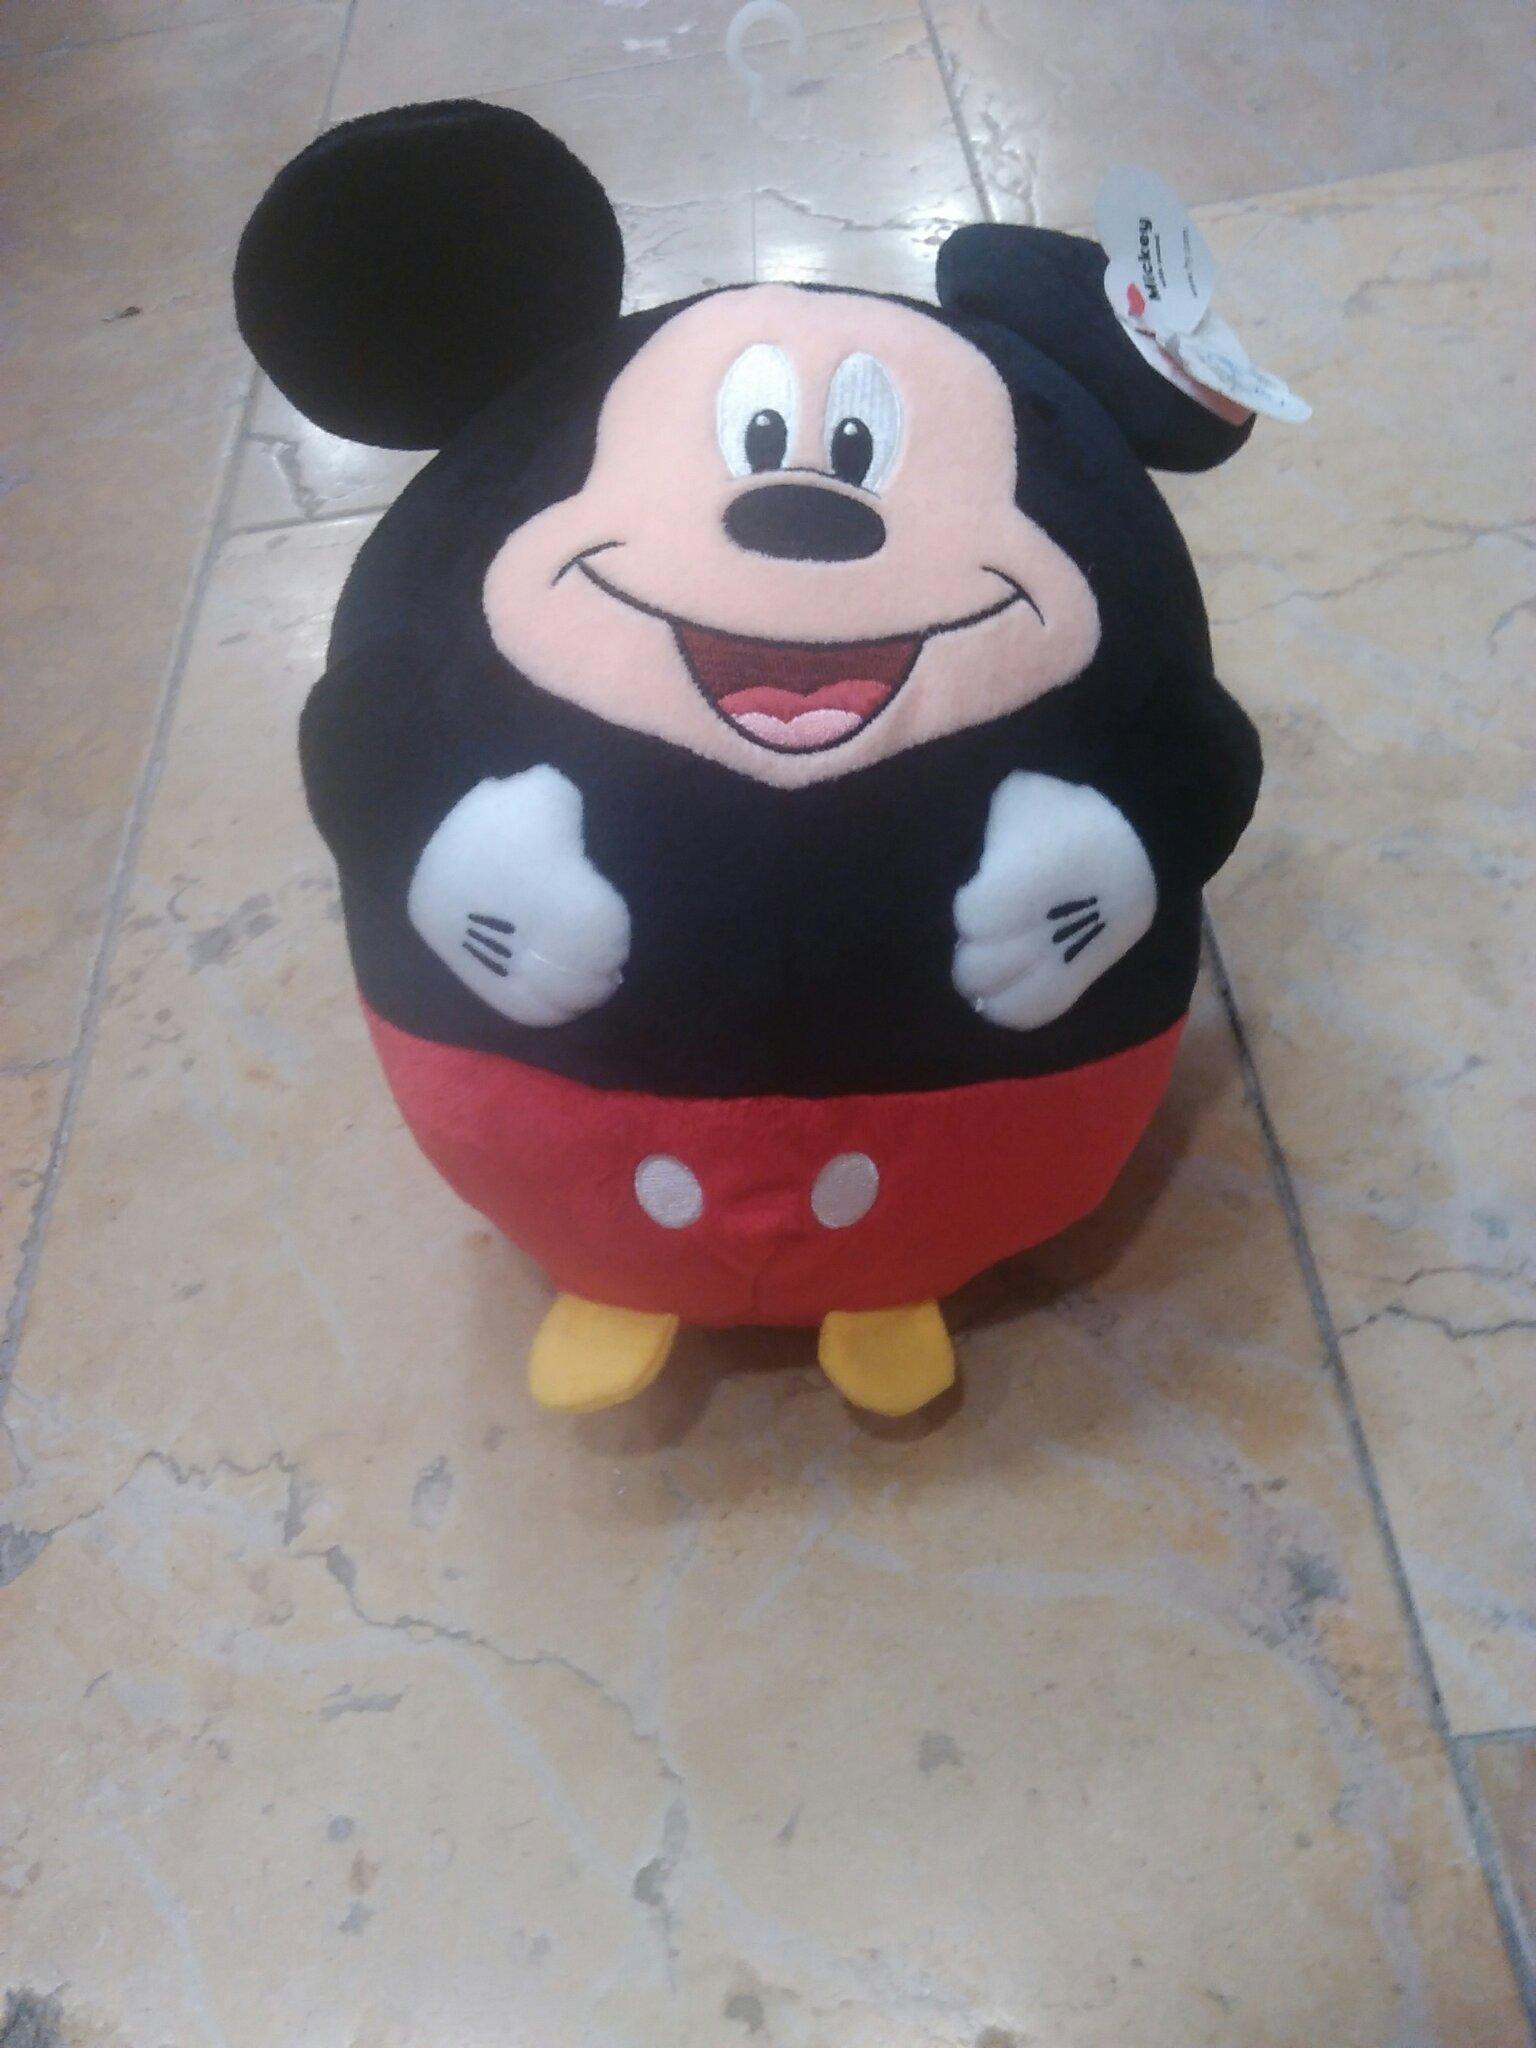 Mickey après les fêtes - meme